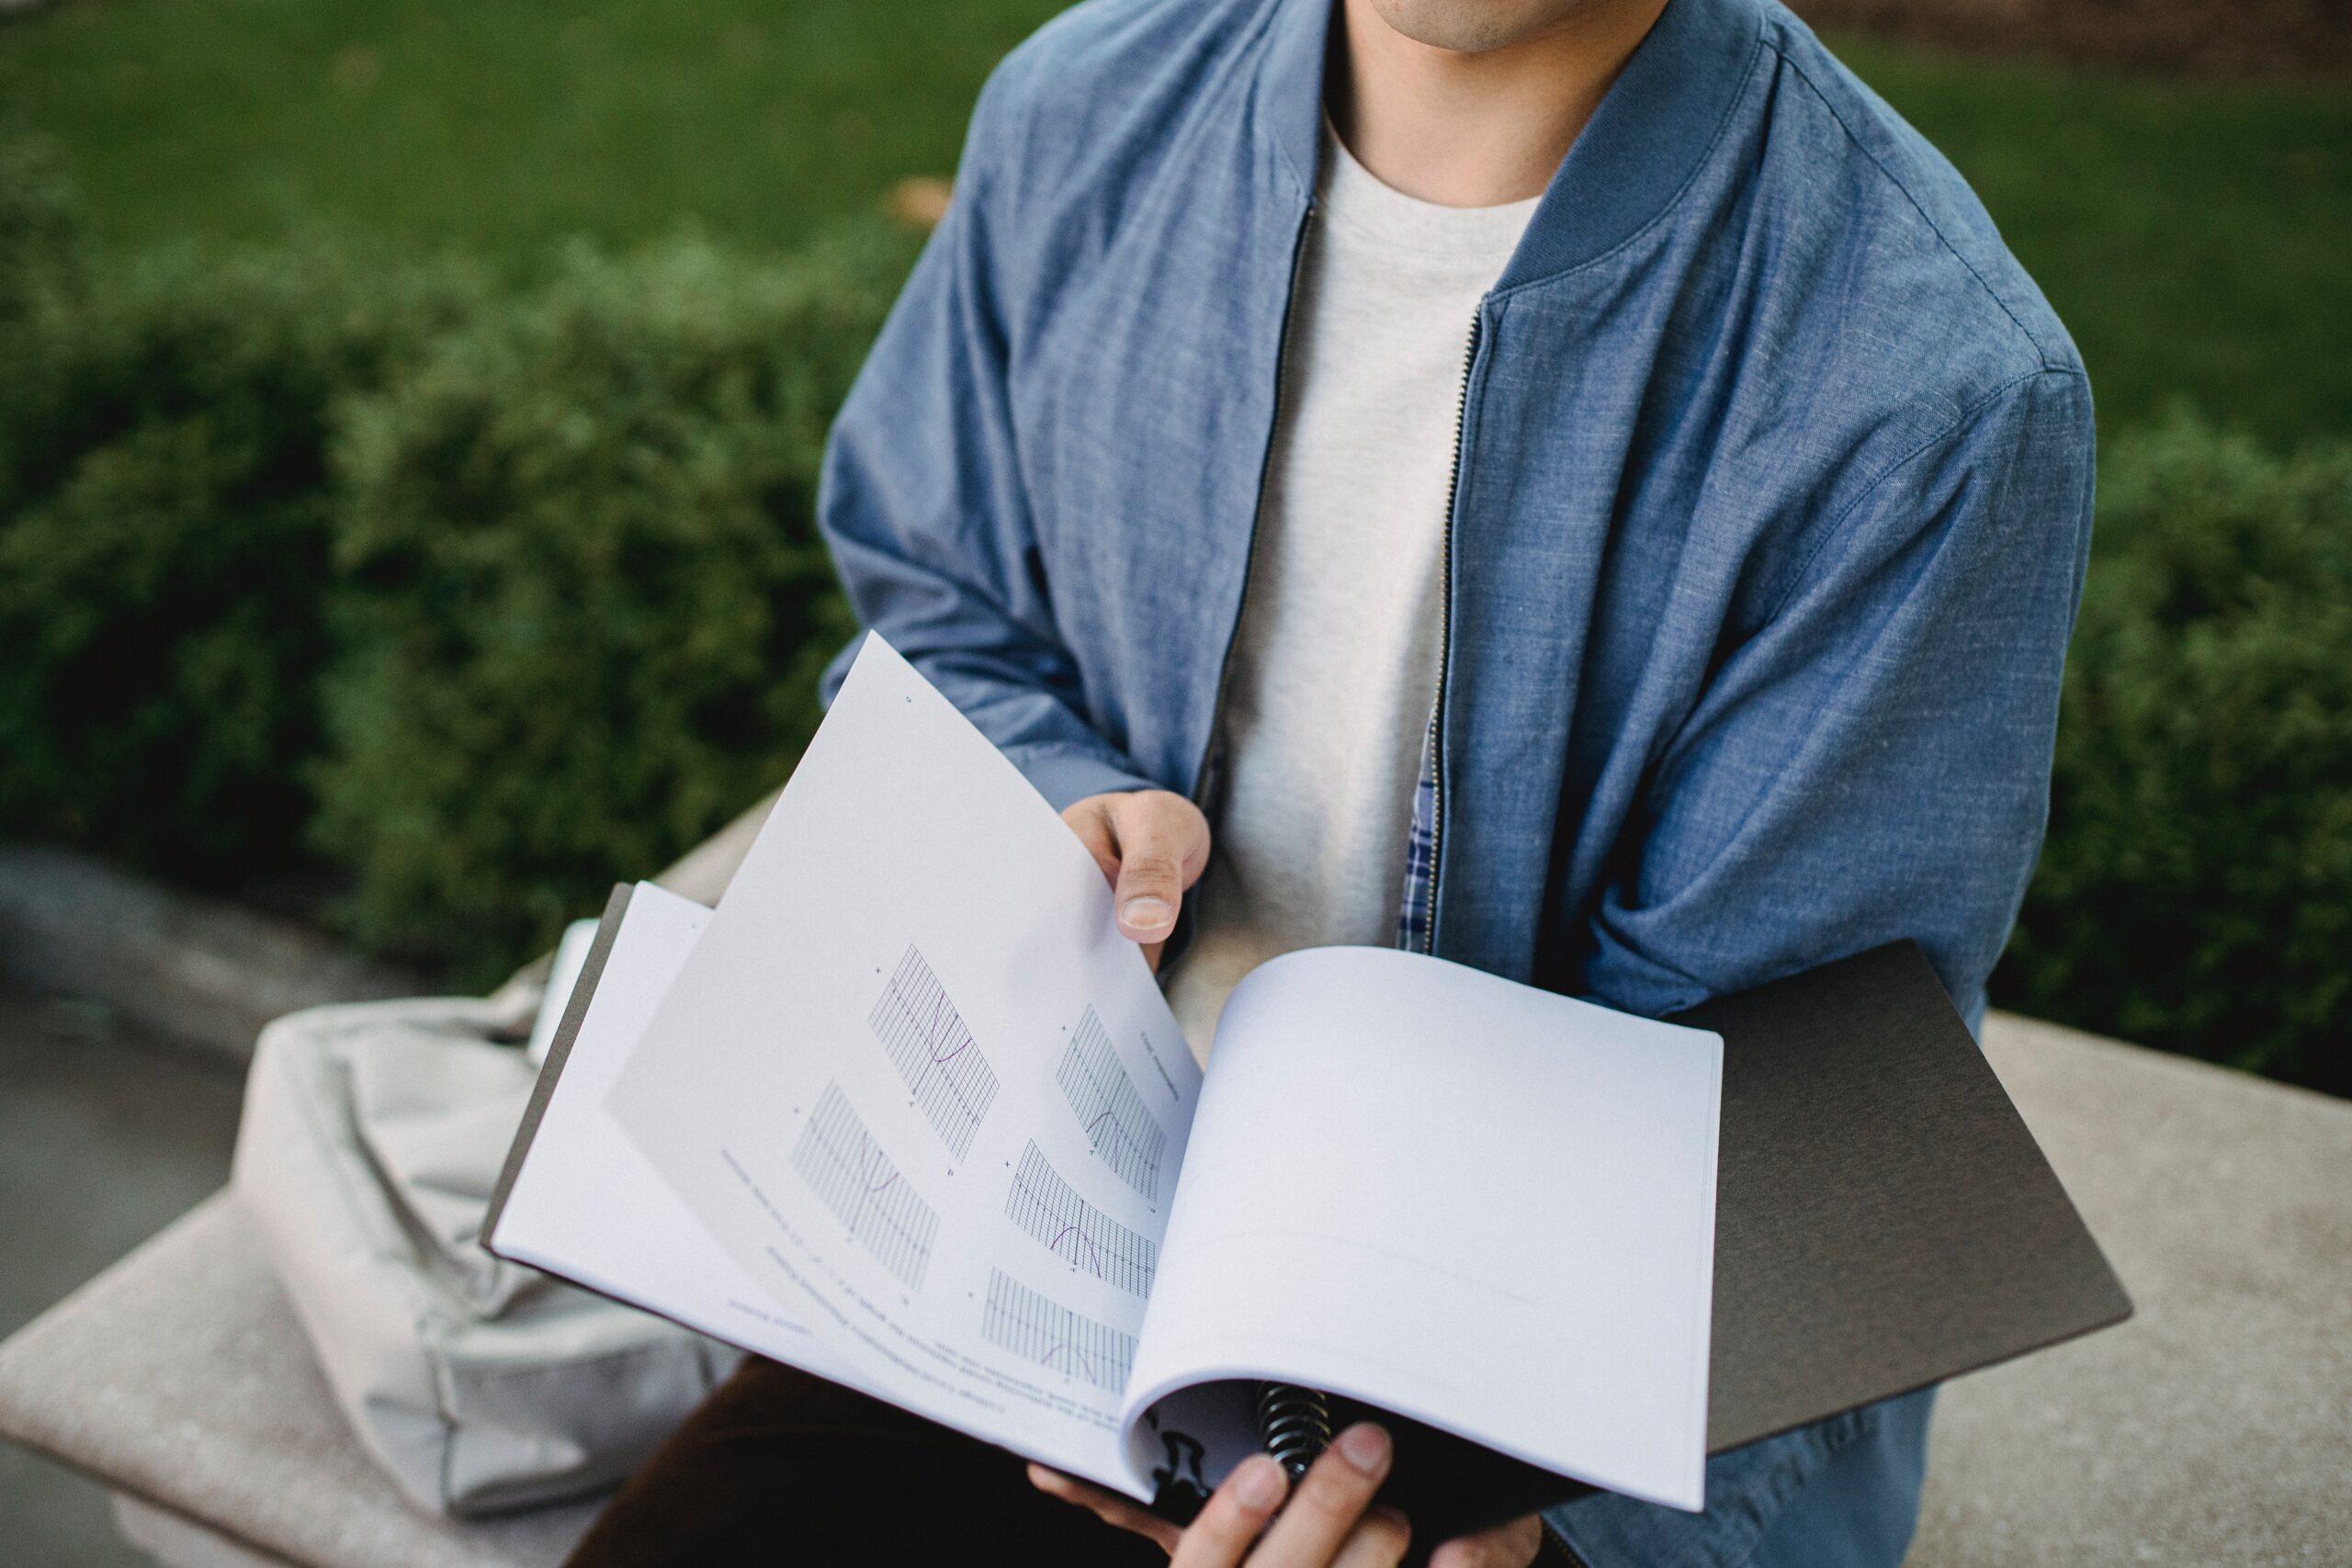 Imparare una nuova lingua: un ragazzo tiene in mano un quaderno di appunti